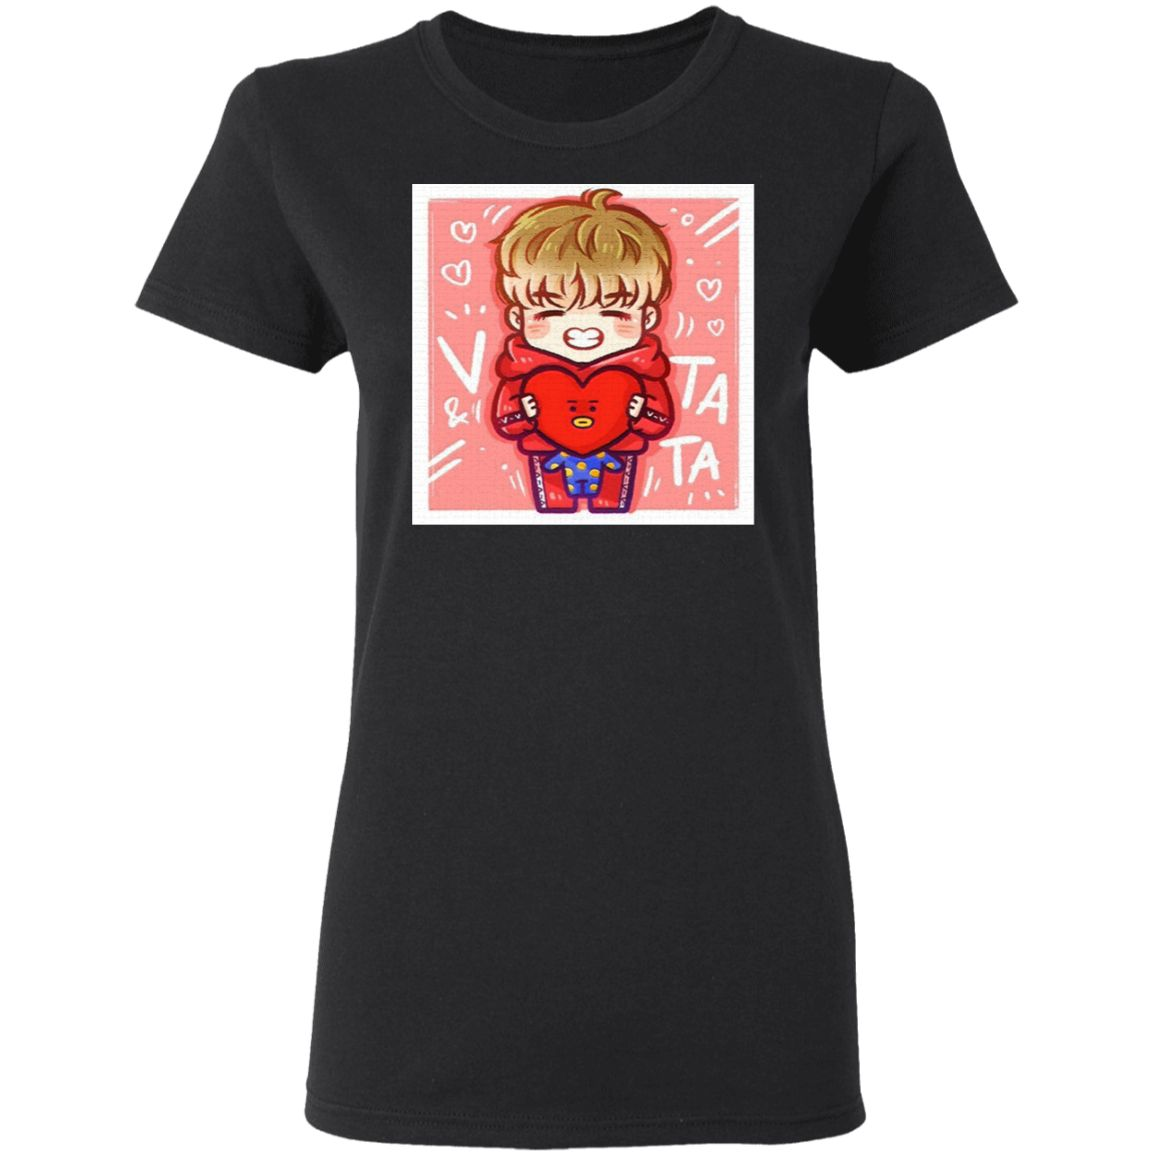 V and Tata T-Shirt